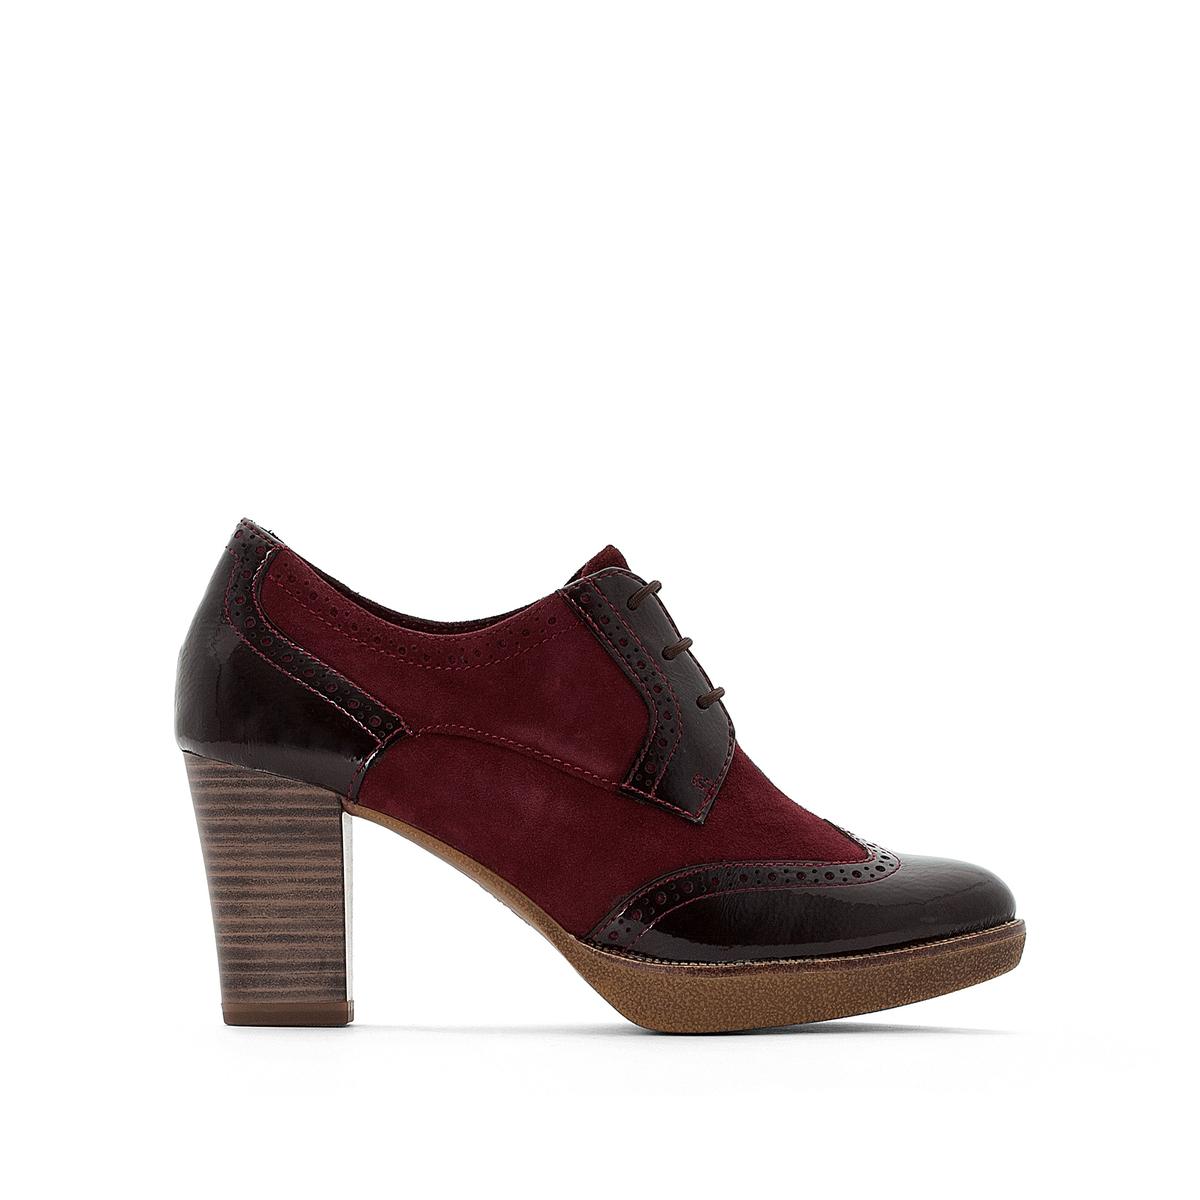 купить Ботинки-дерби кожаные на каблуке Fee недорого